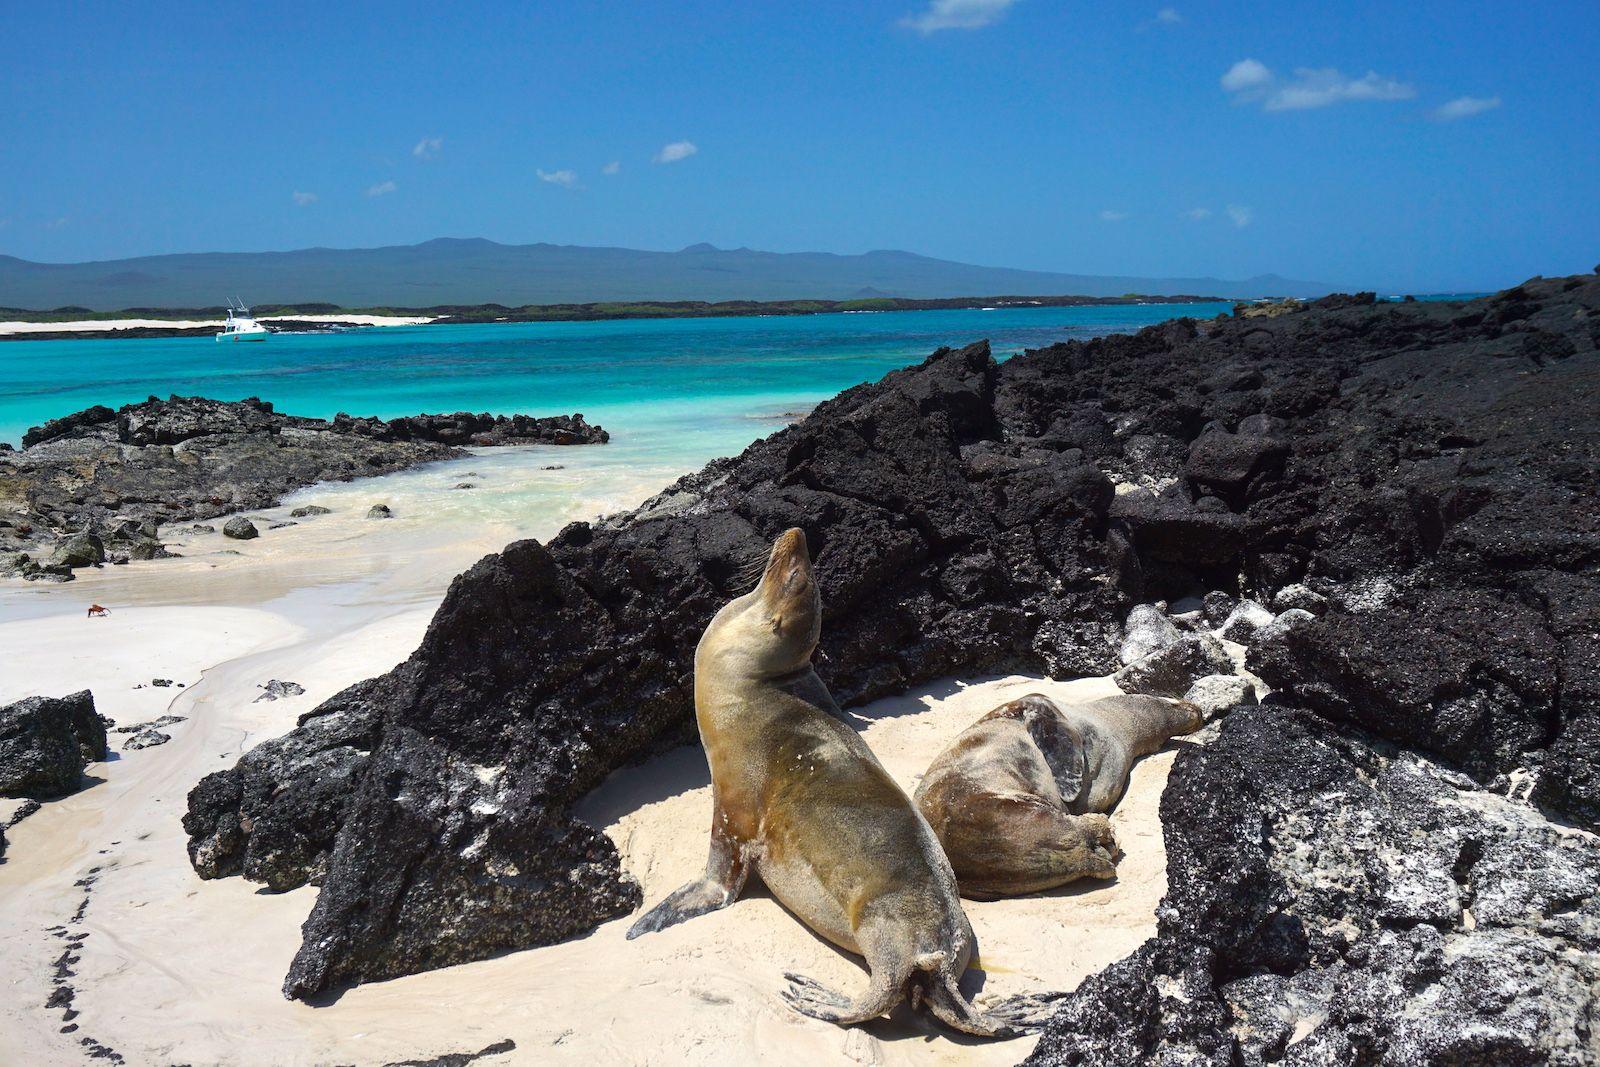 Lobos marinos tostándose al sol en una de las playas más bellas que vimos en nuestra vida, Cerro Brujo.